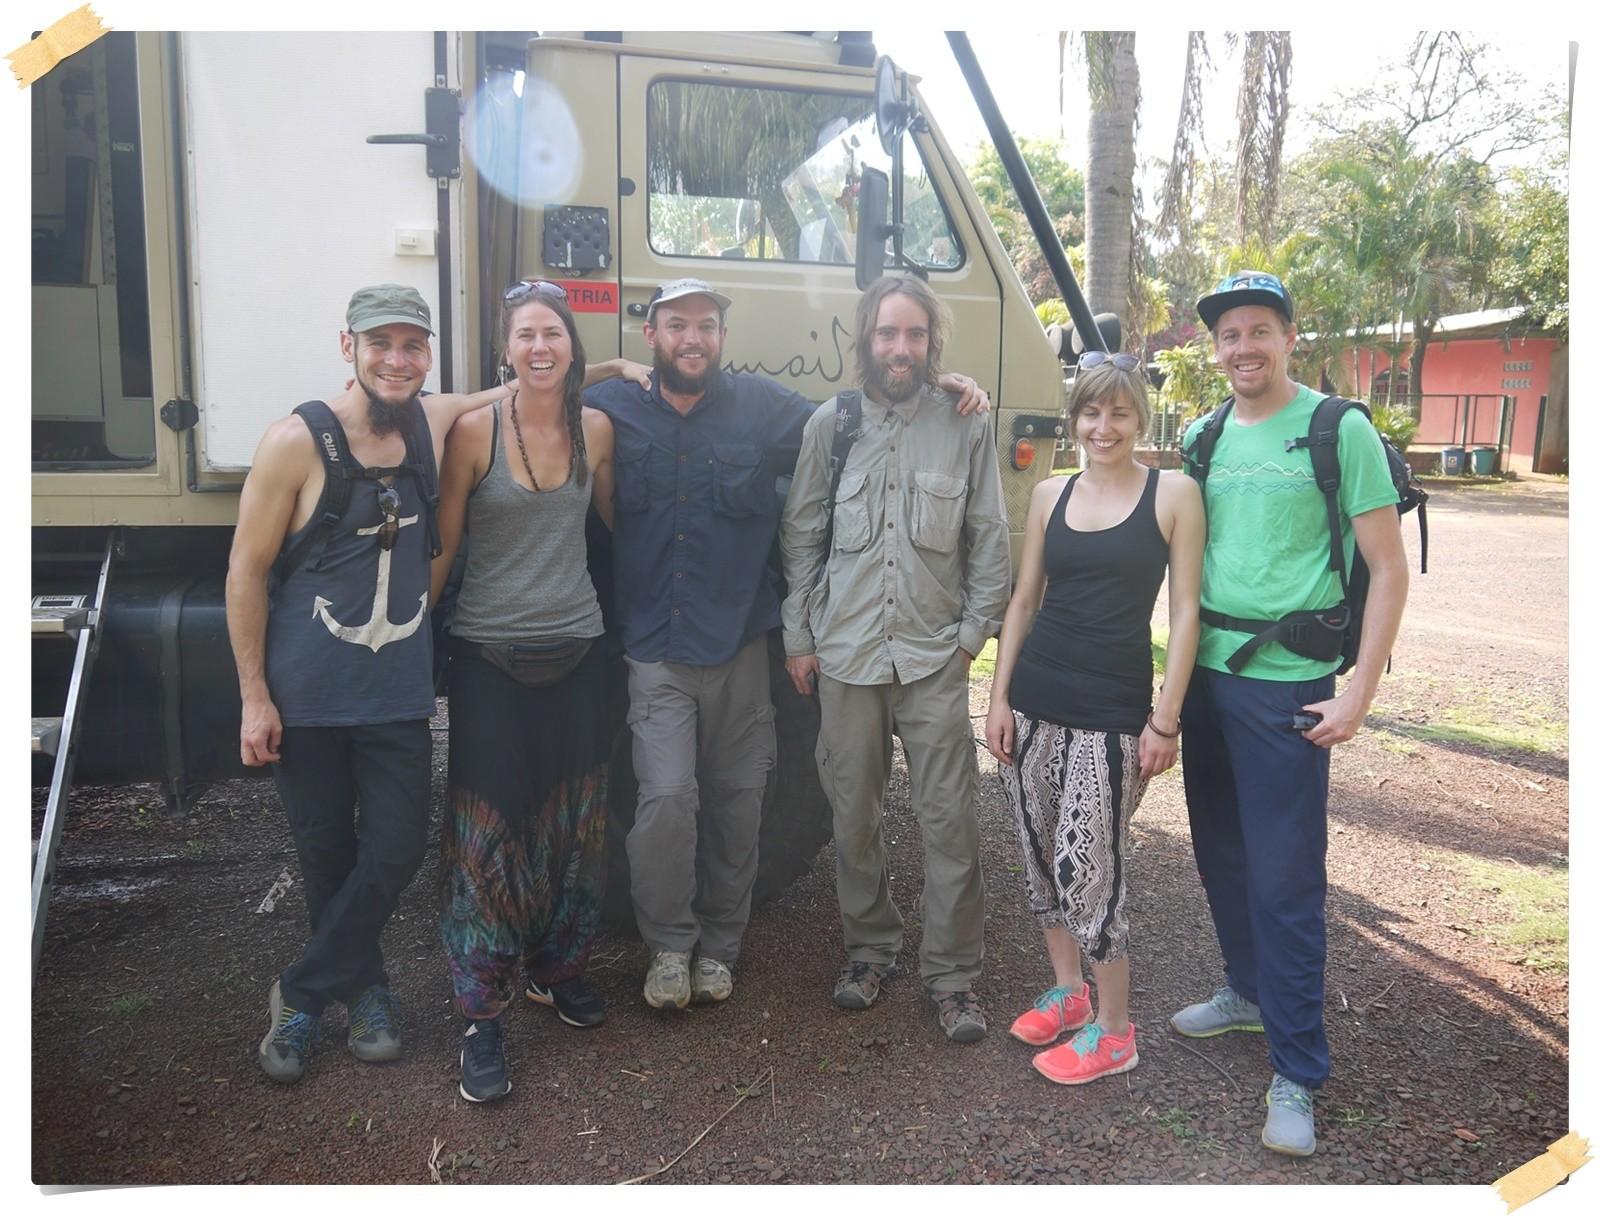 Diese jungen Leute waren eine schöne Begegnung in Foz do Iguazu